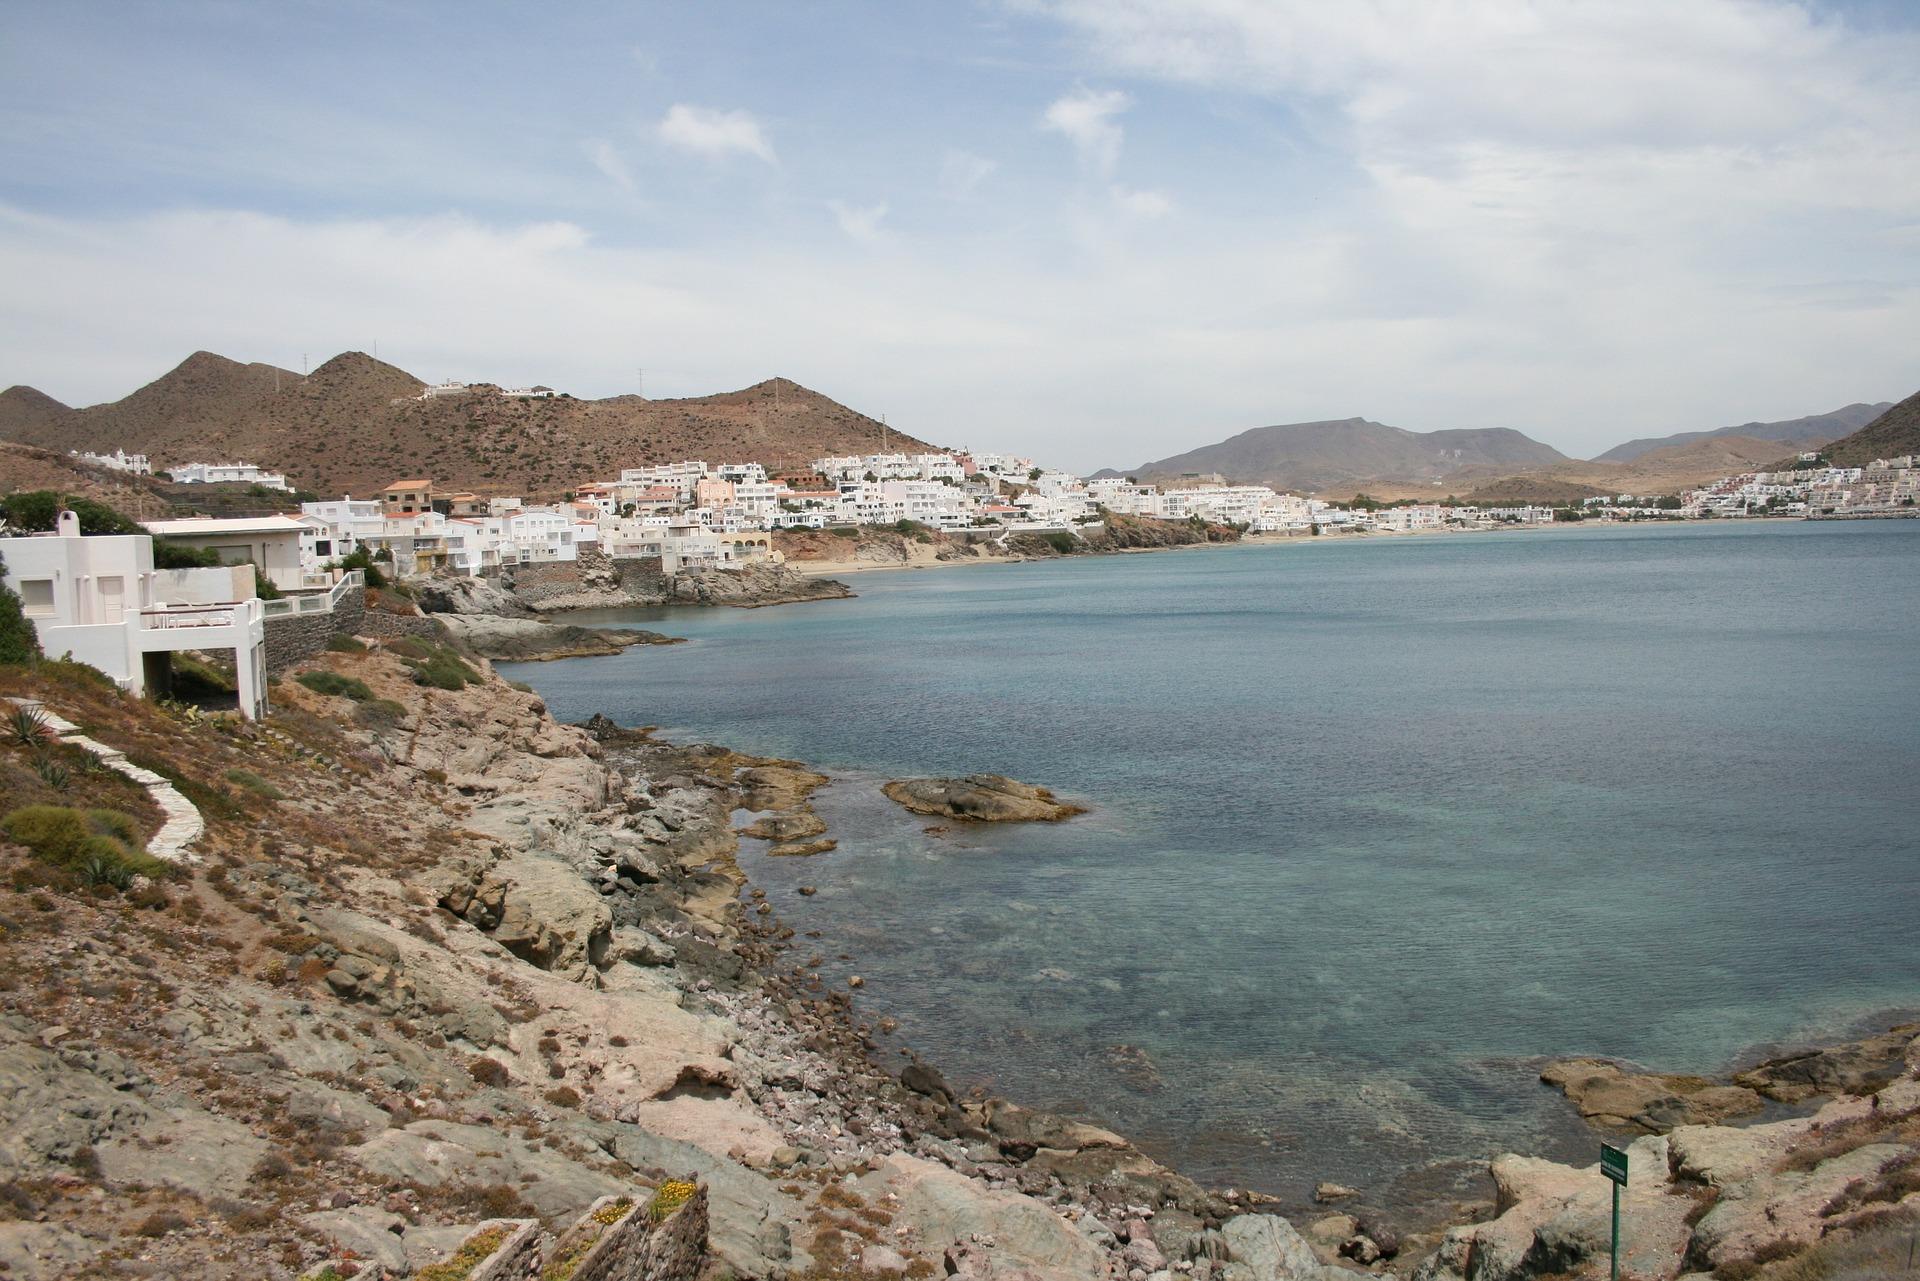 municipio turístico de Nijar